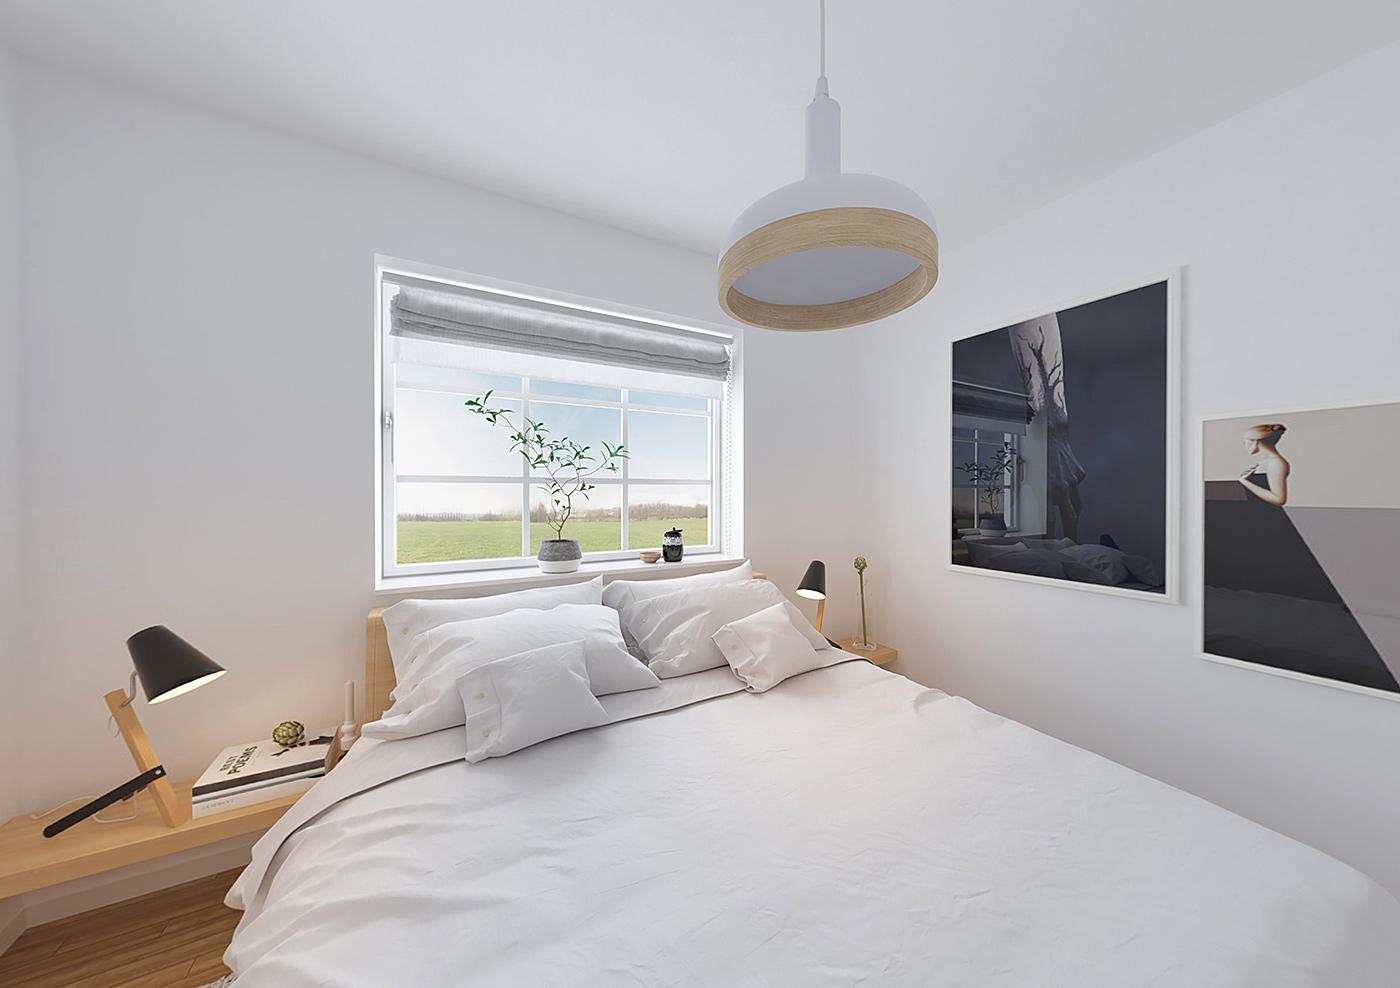 Stafettpinnen-sovrum